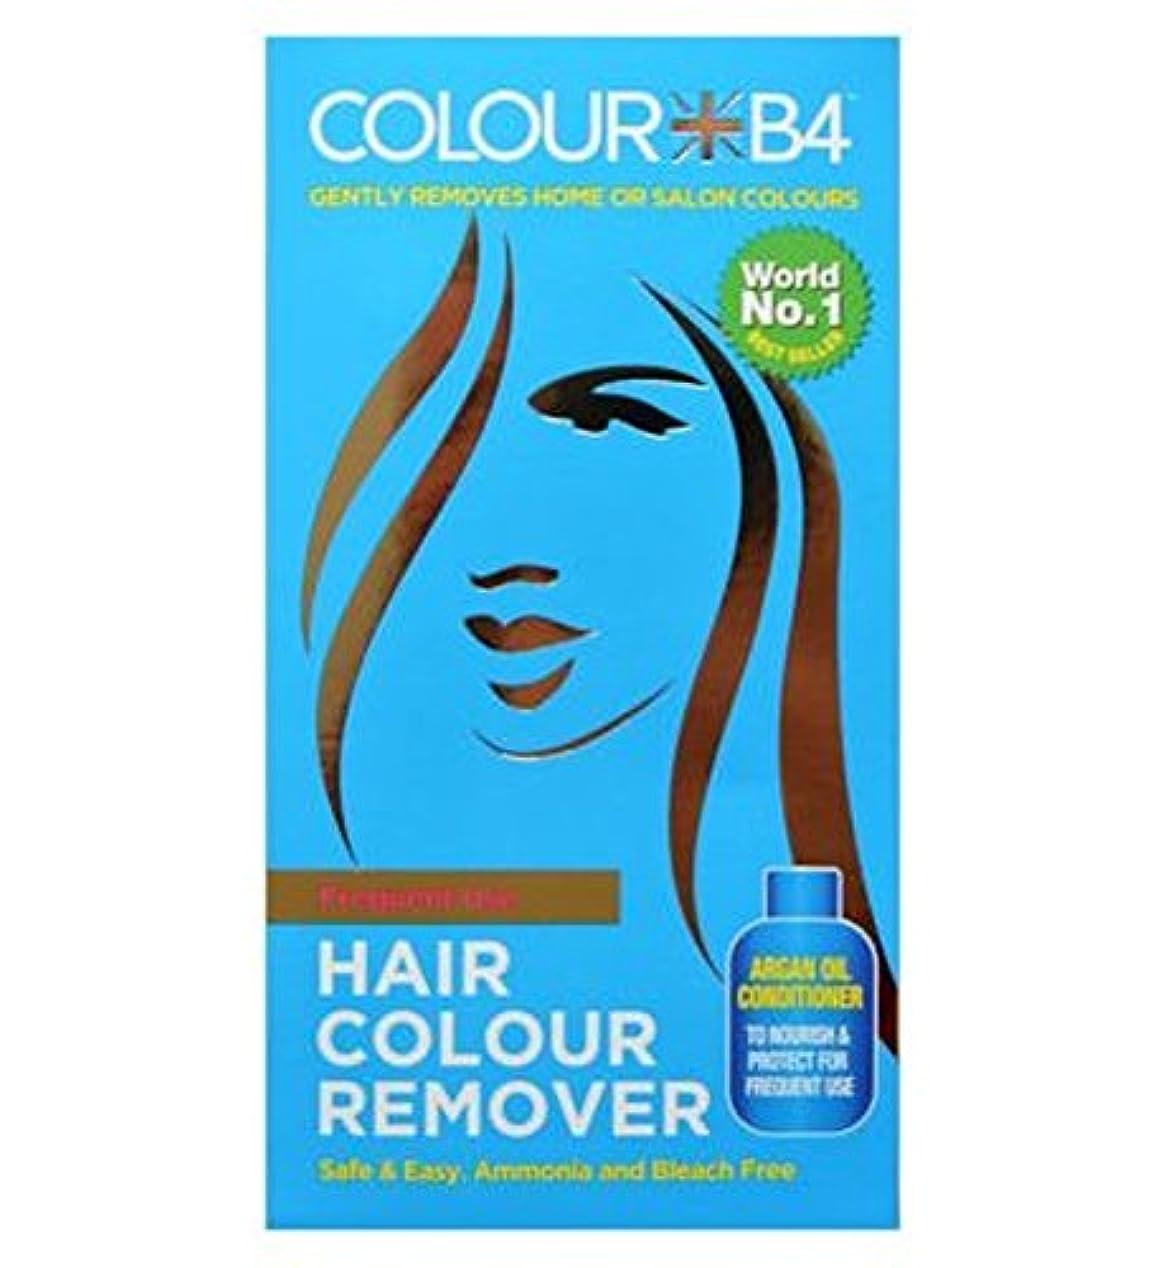 ラッカスクーポン腰Colour B4 Hair Colour Remover Includes Conditioner for Frequent Use - カラーB4ヘアカラーリムーバーは、頻繁に使用するためにコンディショナーを含み (...